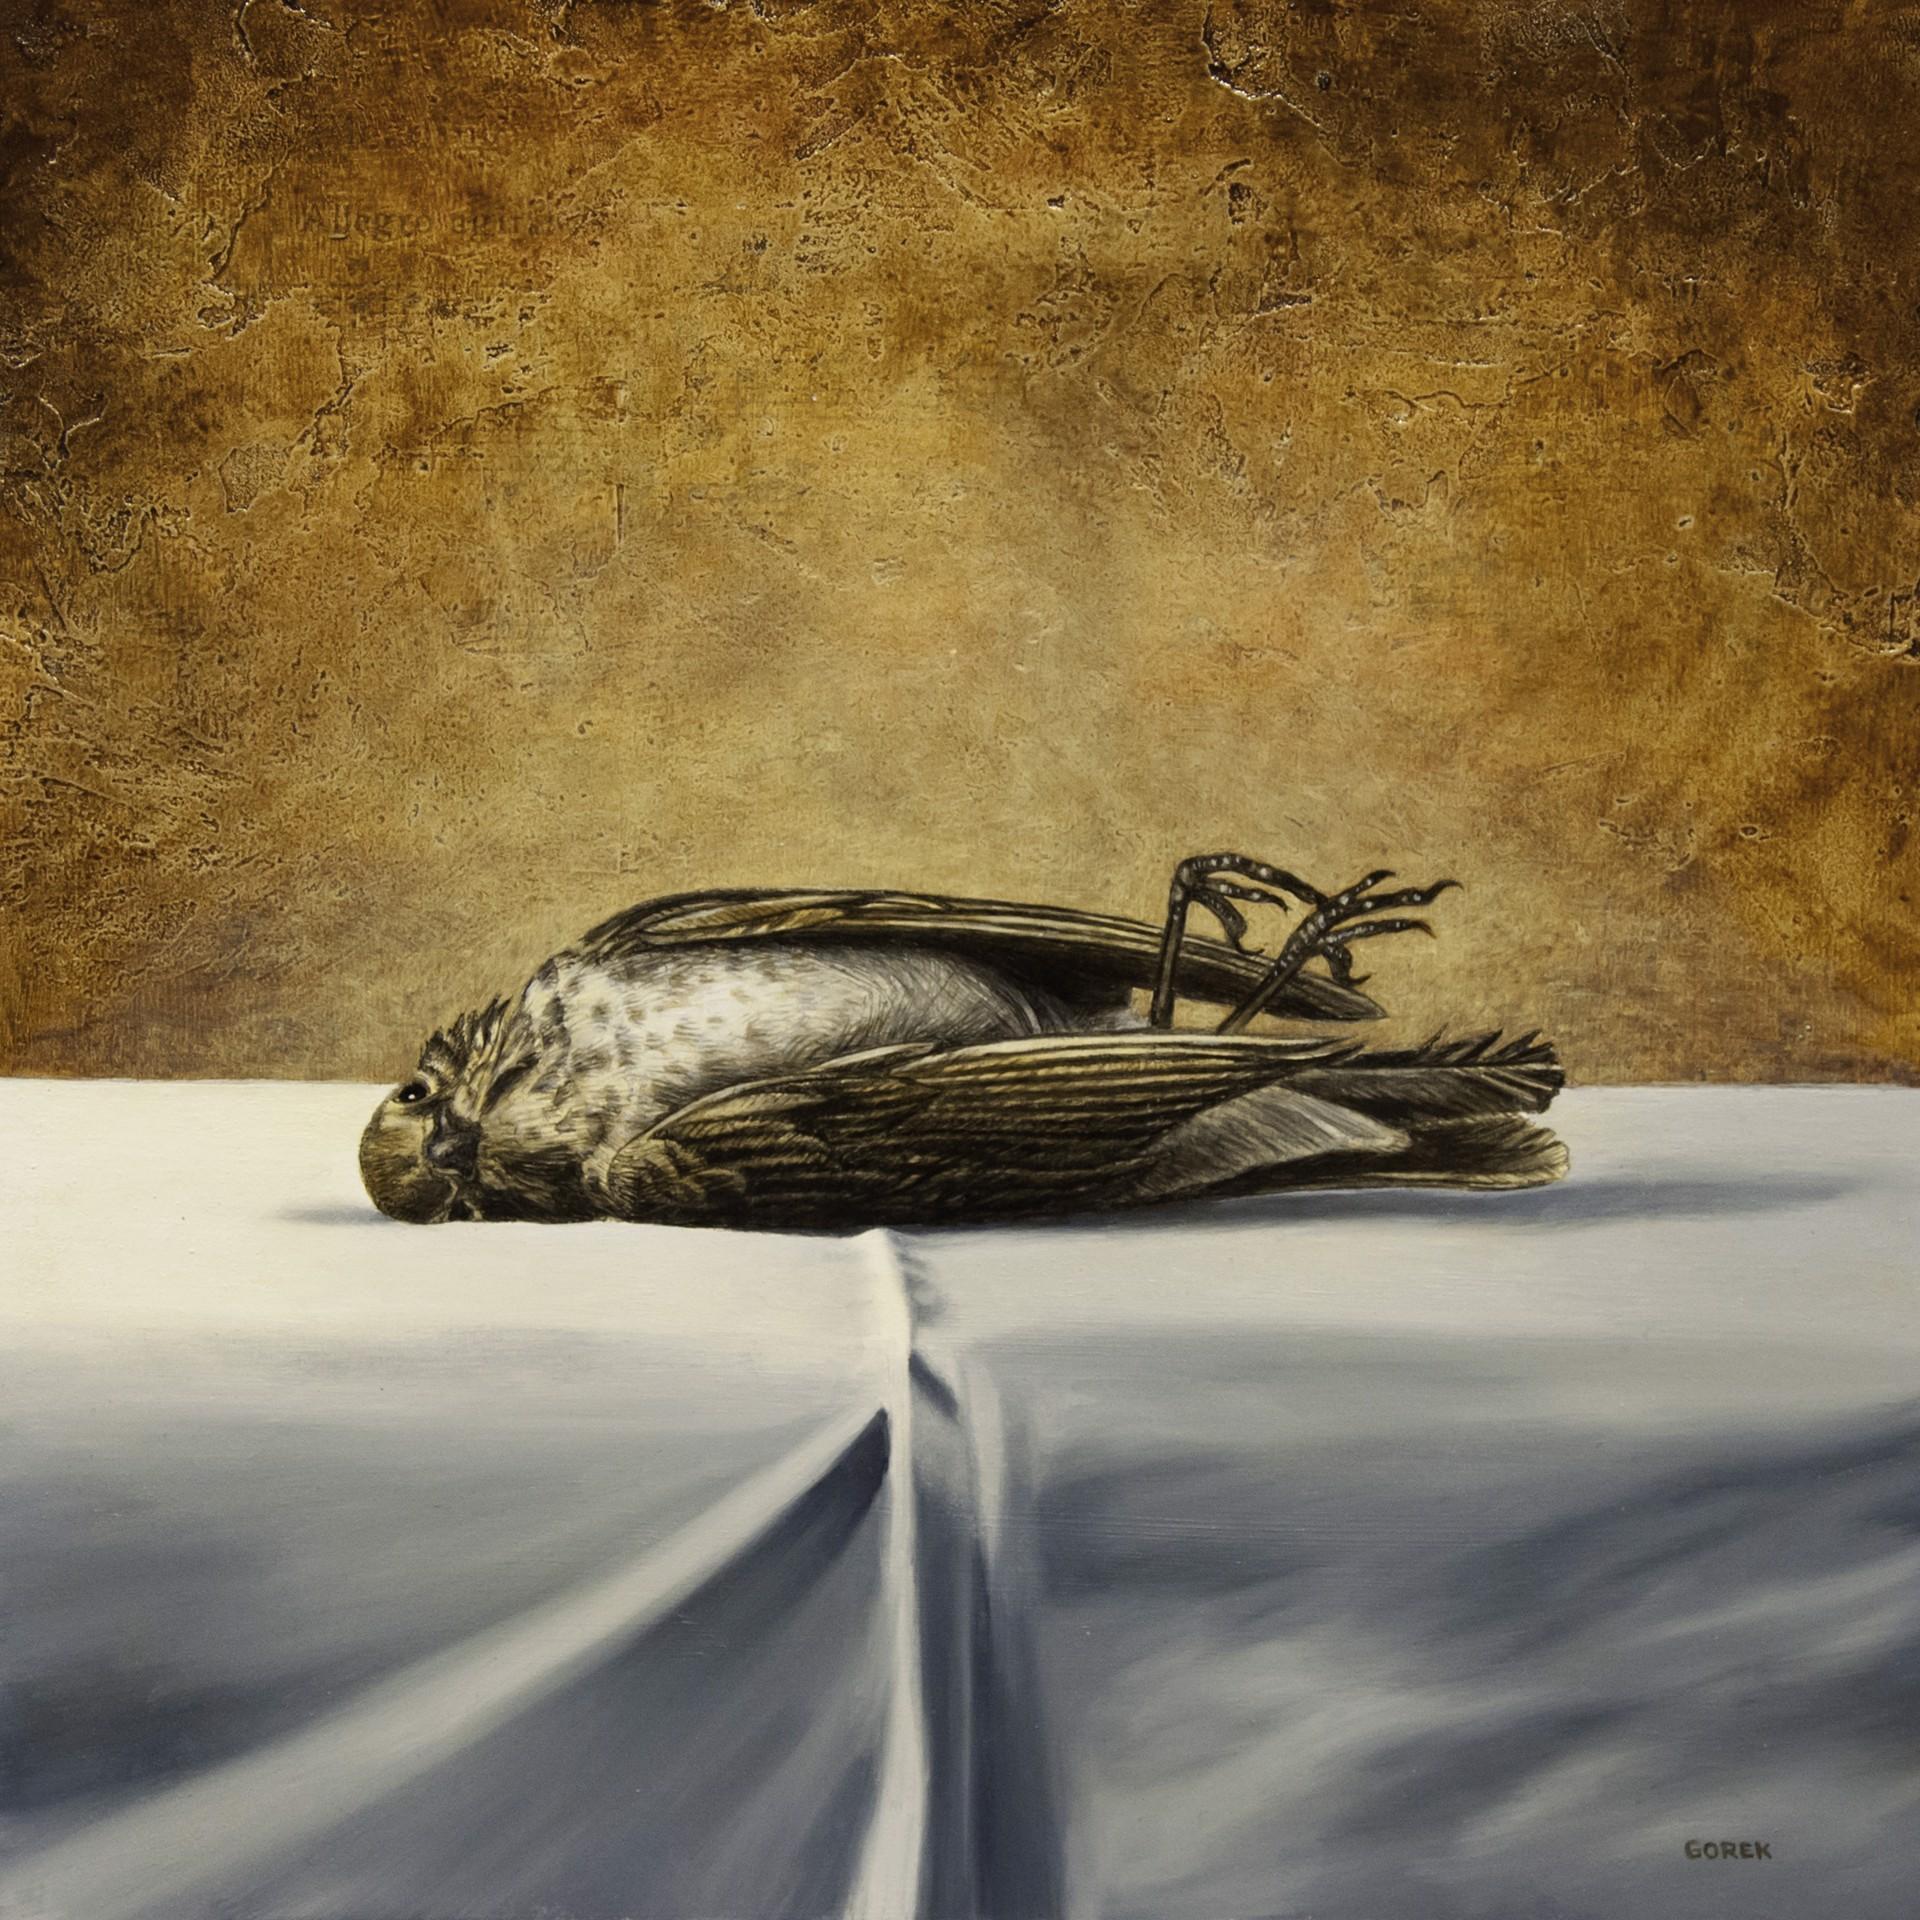 Requiem by Thane Gorek